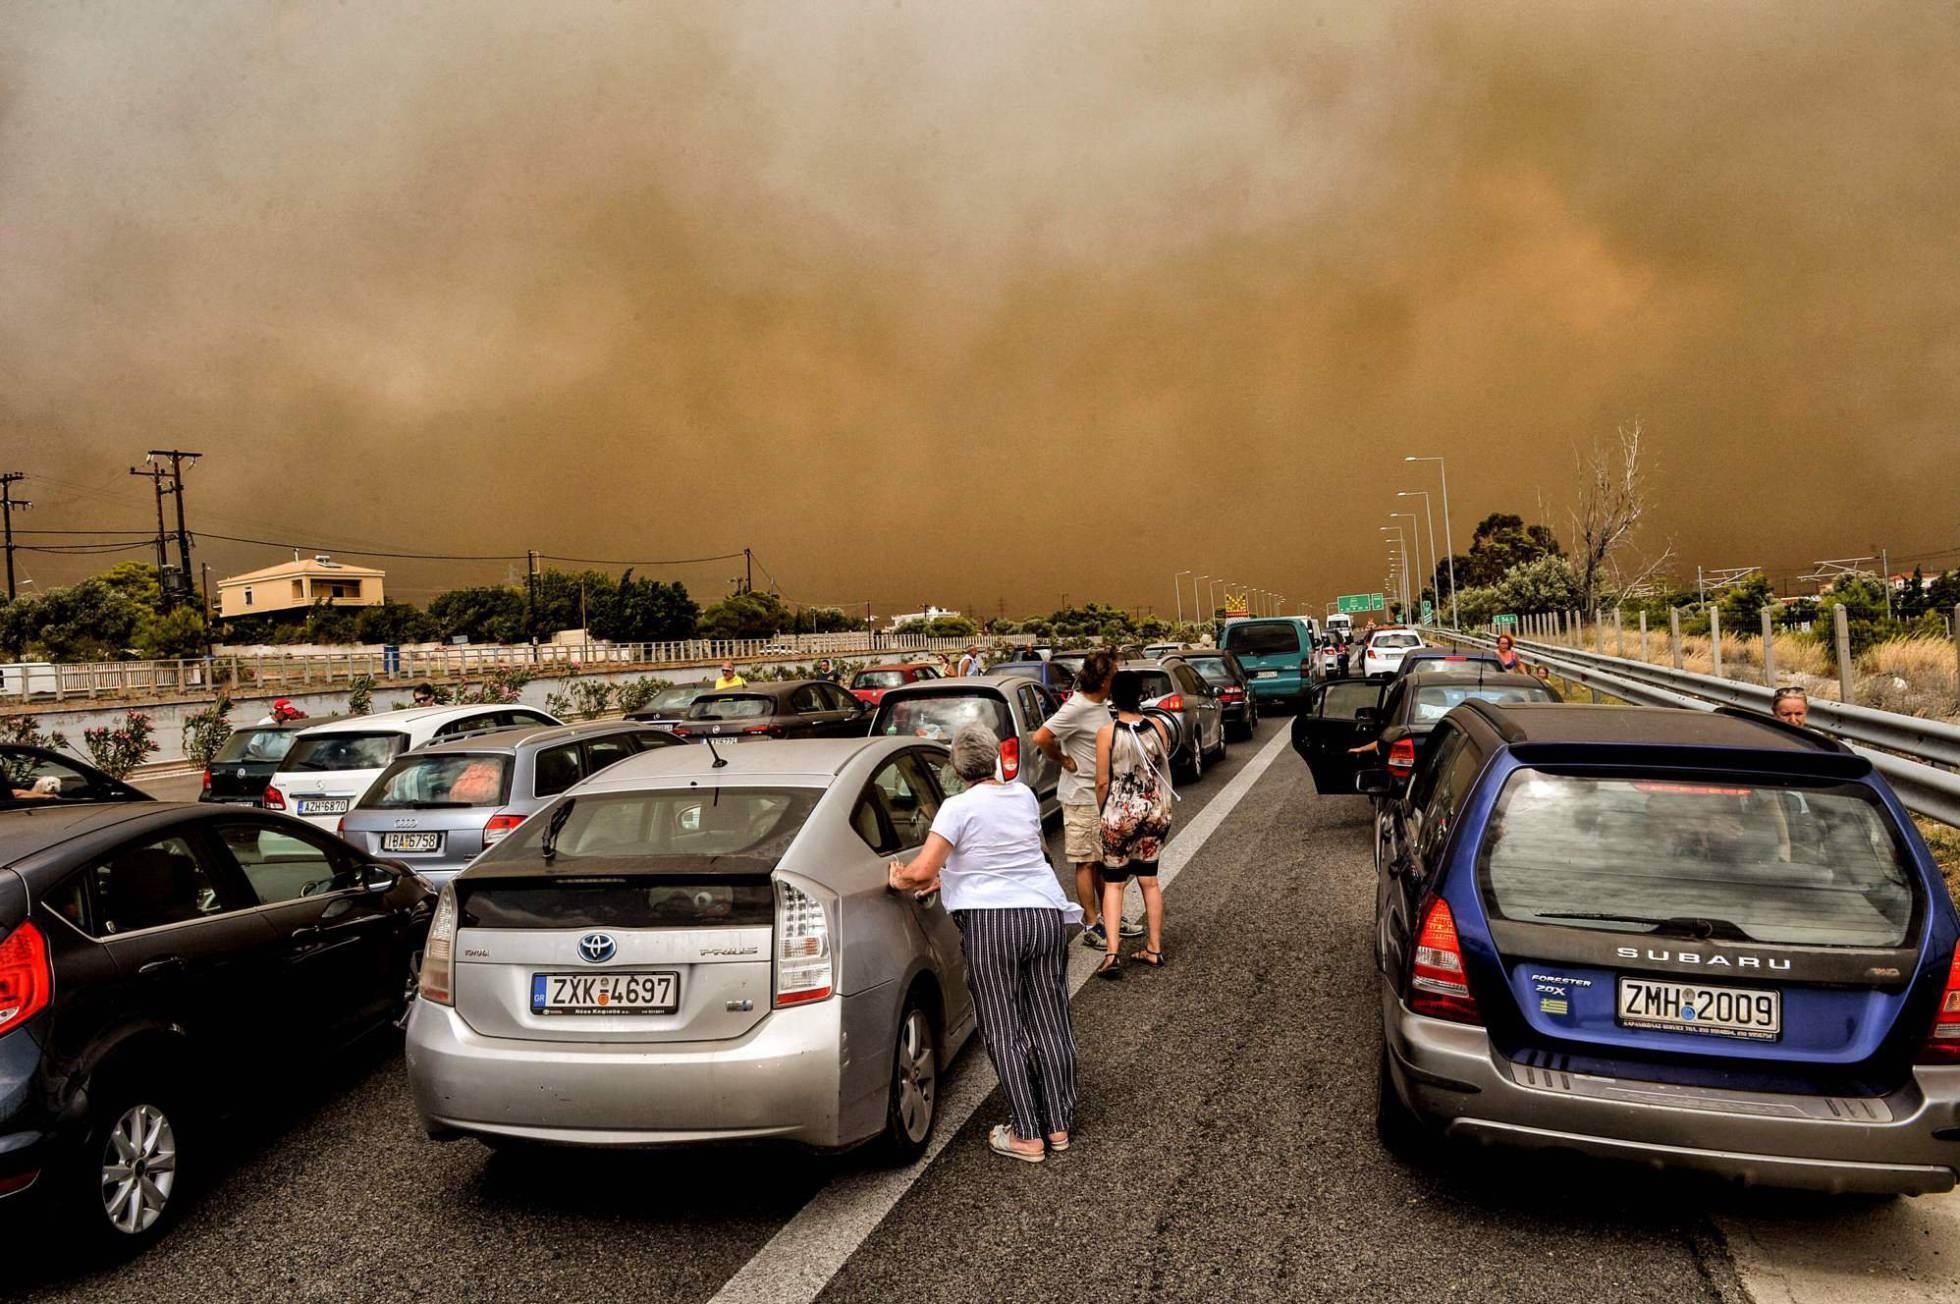 Coches bloqueados en la carrete cerca de la ciudad de Kineta (Grecia).